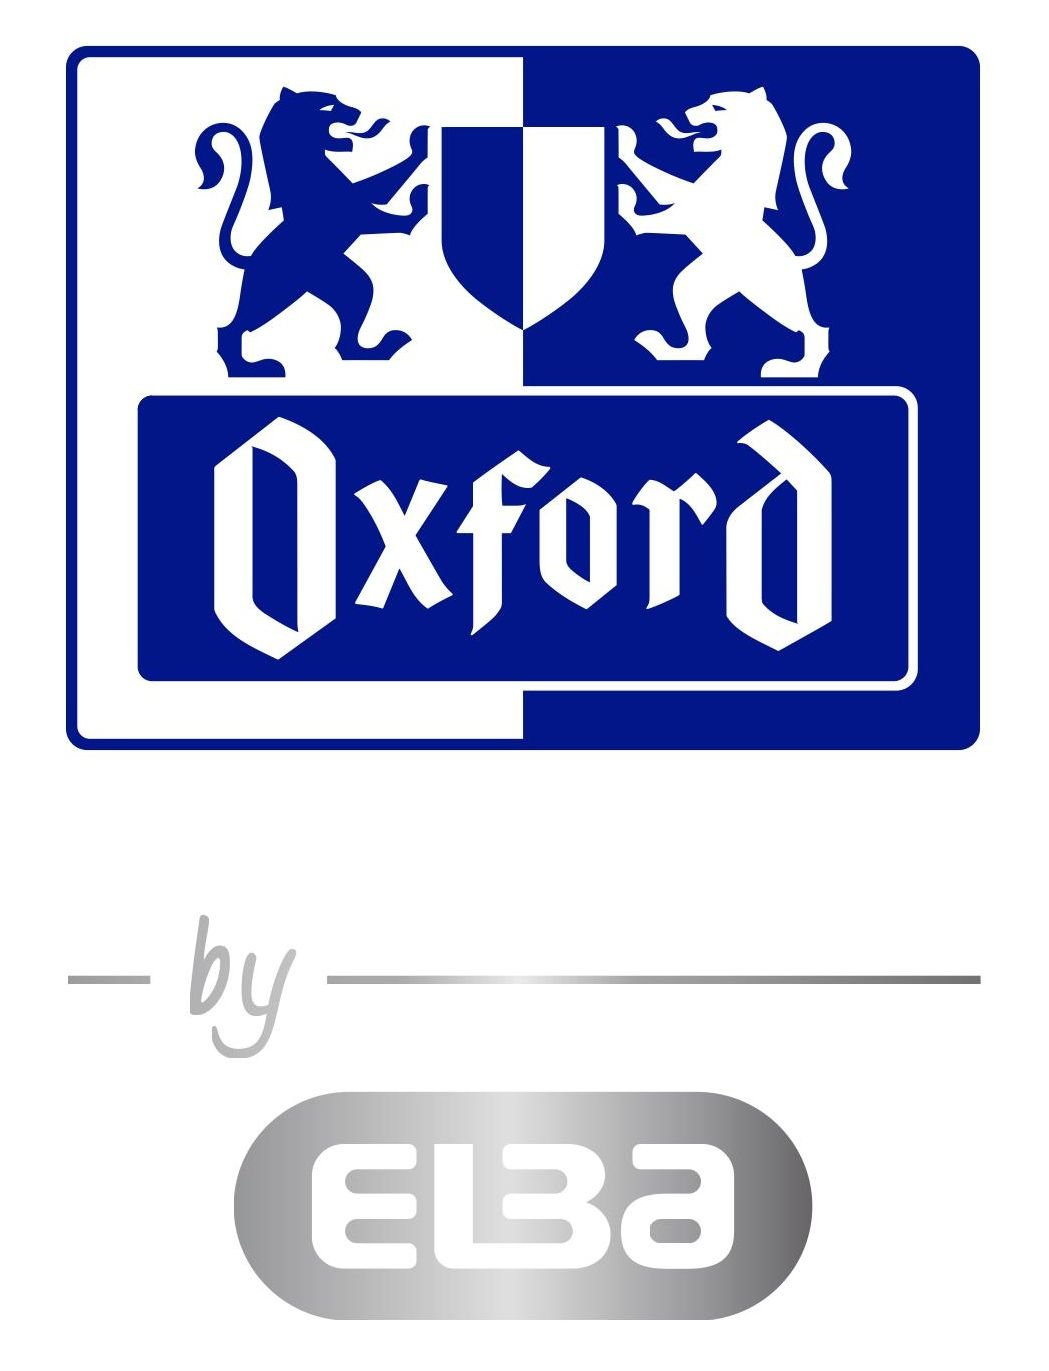 OXFORD by ELBA 400103414 Sammelbox DIN A4 in der Farbe Aqua 3 abgerundete Einschlagklappen fester Karton mit soft-touch-Oberfl/äche flache Eckspannergummis f/ür einen sicheren Verschlu/ß